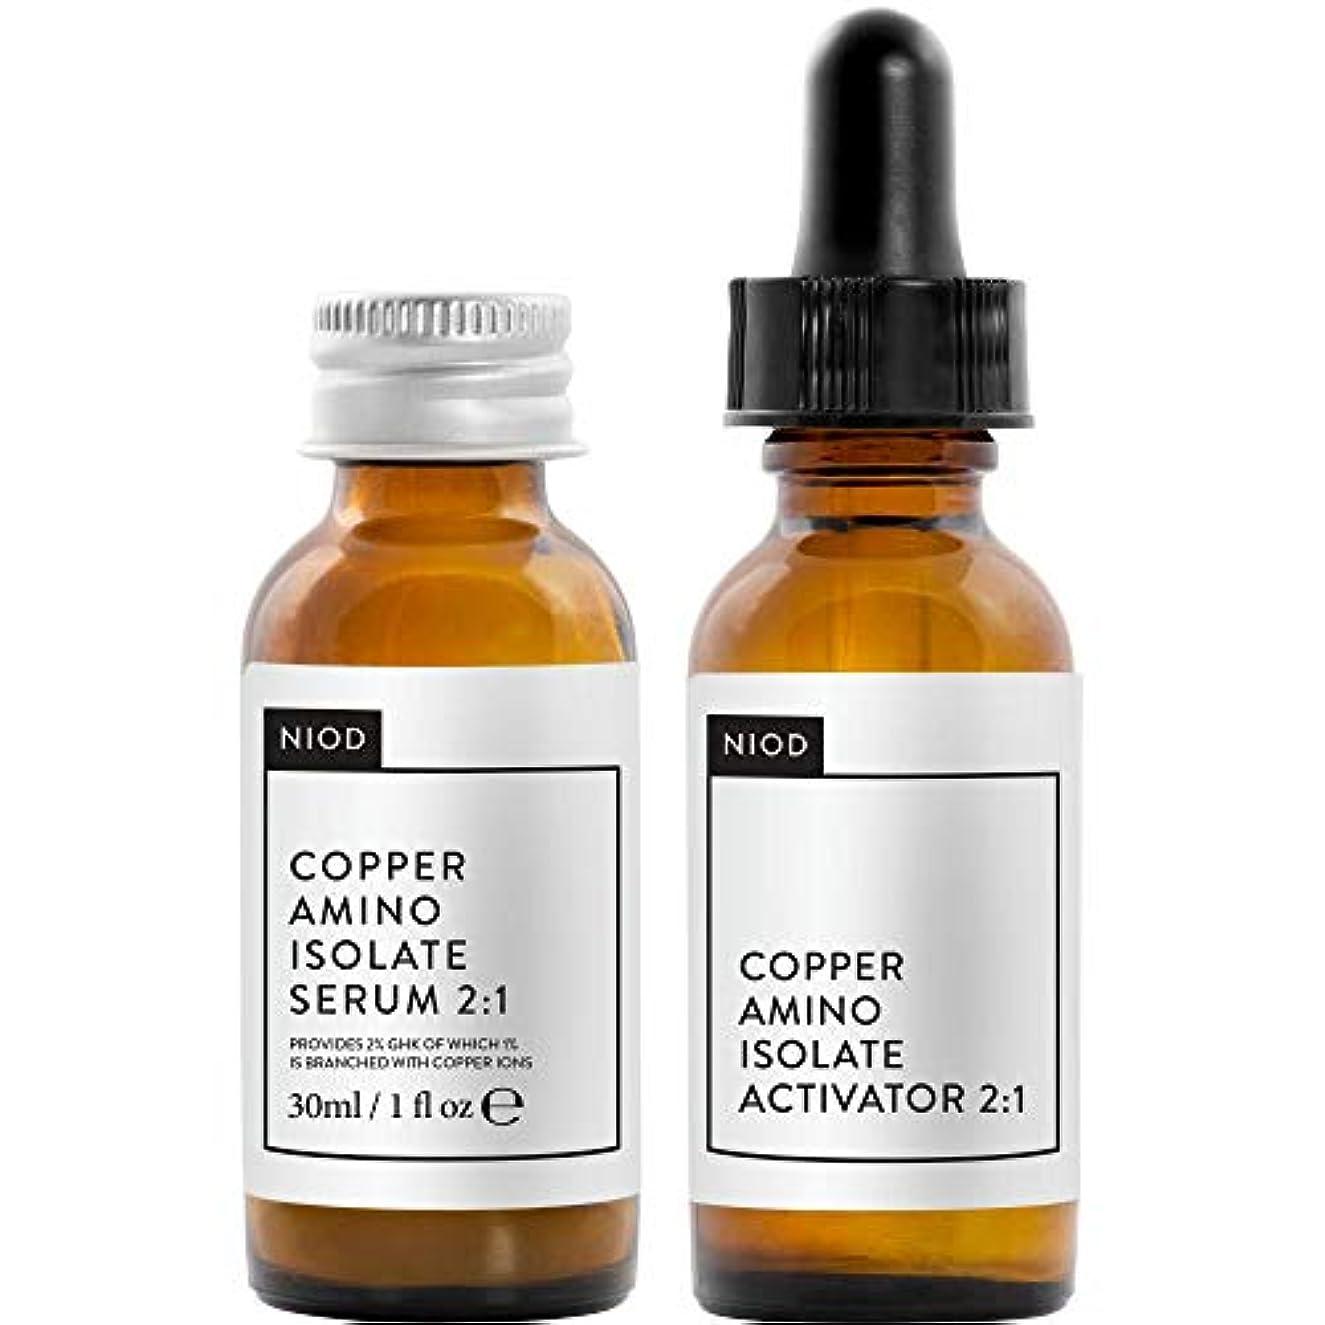 楽しませるレジ狂う[NIOD] Niod銅アミノ分離株の血清2:1 30ミリリットル - NIOD Copper Amino Isolate Serum 2:1 30ml [並行輸入品]